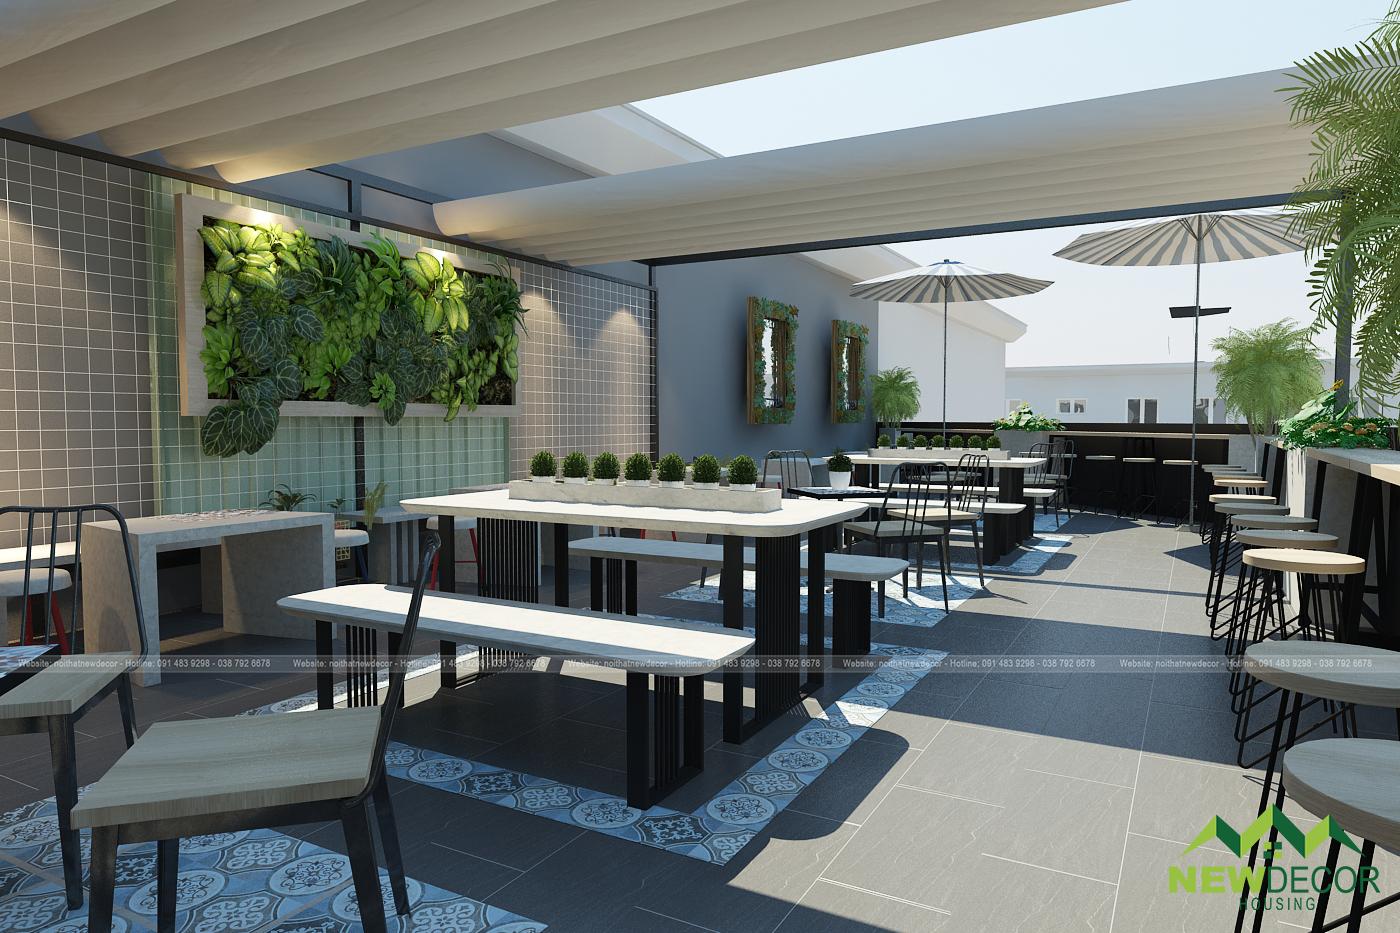 Tầng thượng của quán, chính là một không gian nội thất quán cà phê ngoài trời